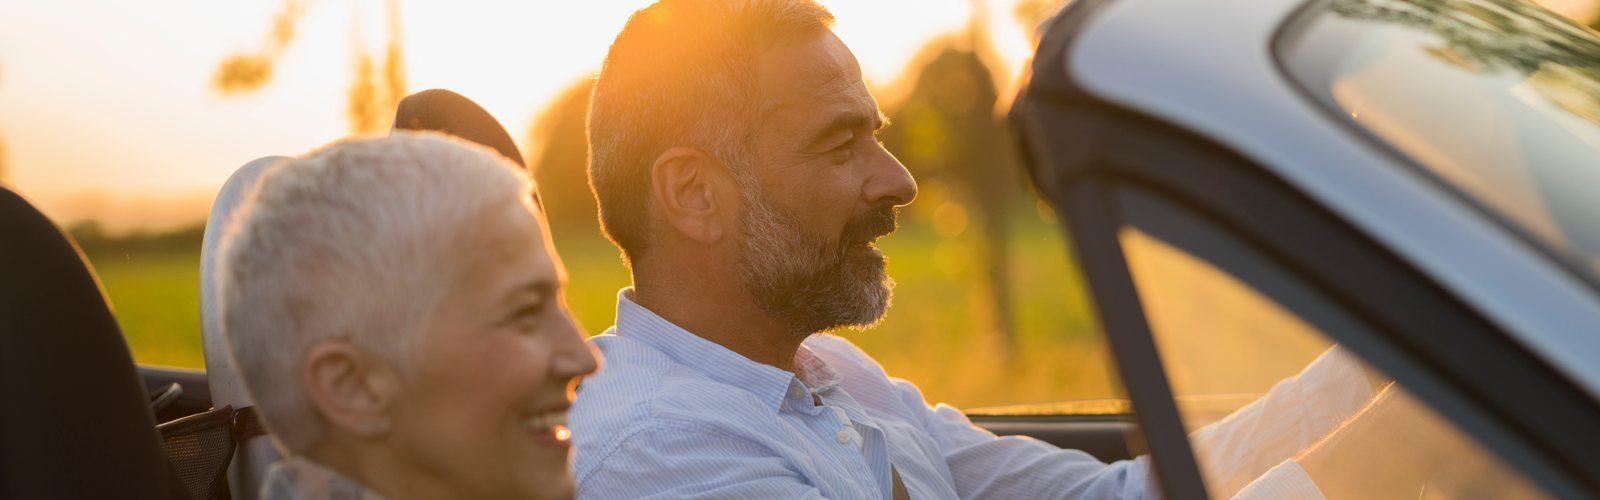 Pärchen mittleren Alters sitzt in einem offenen Cabrio und fährt in den Sonnenuntergang.